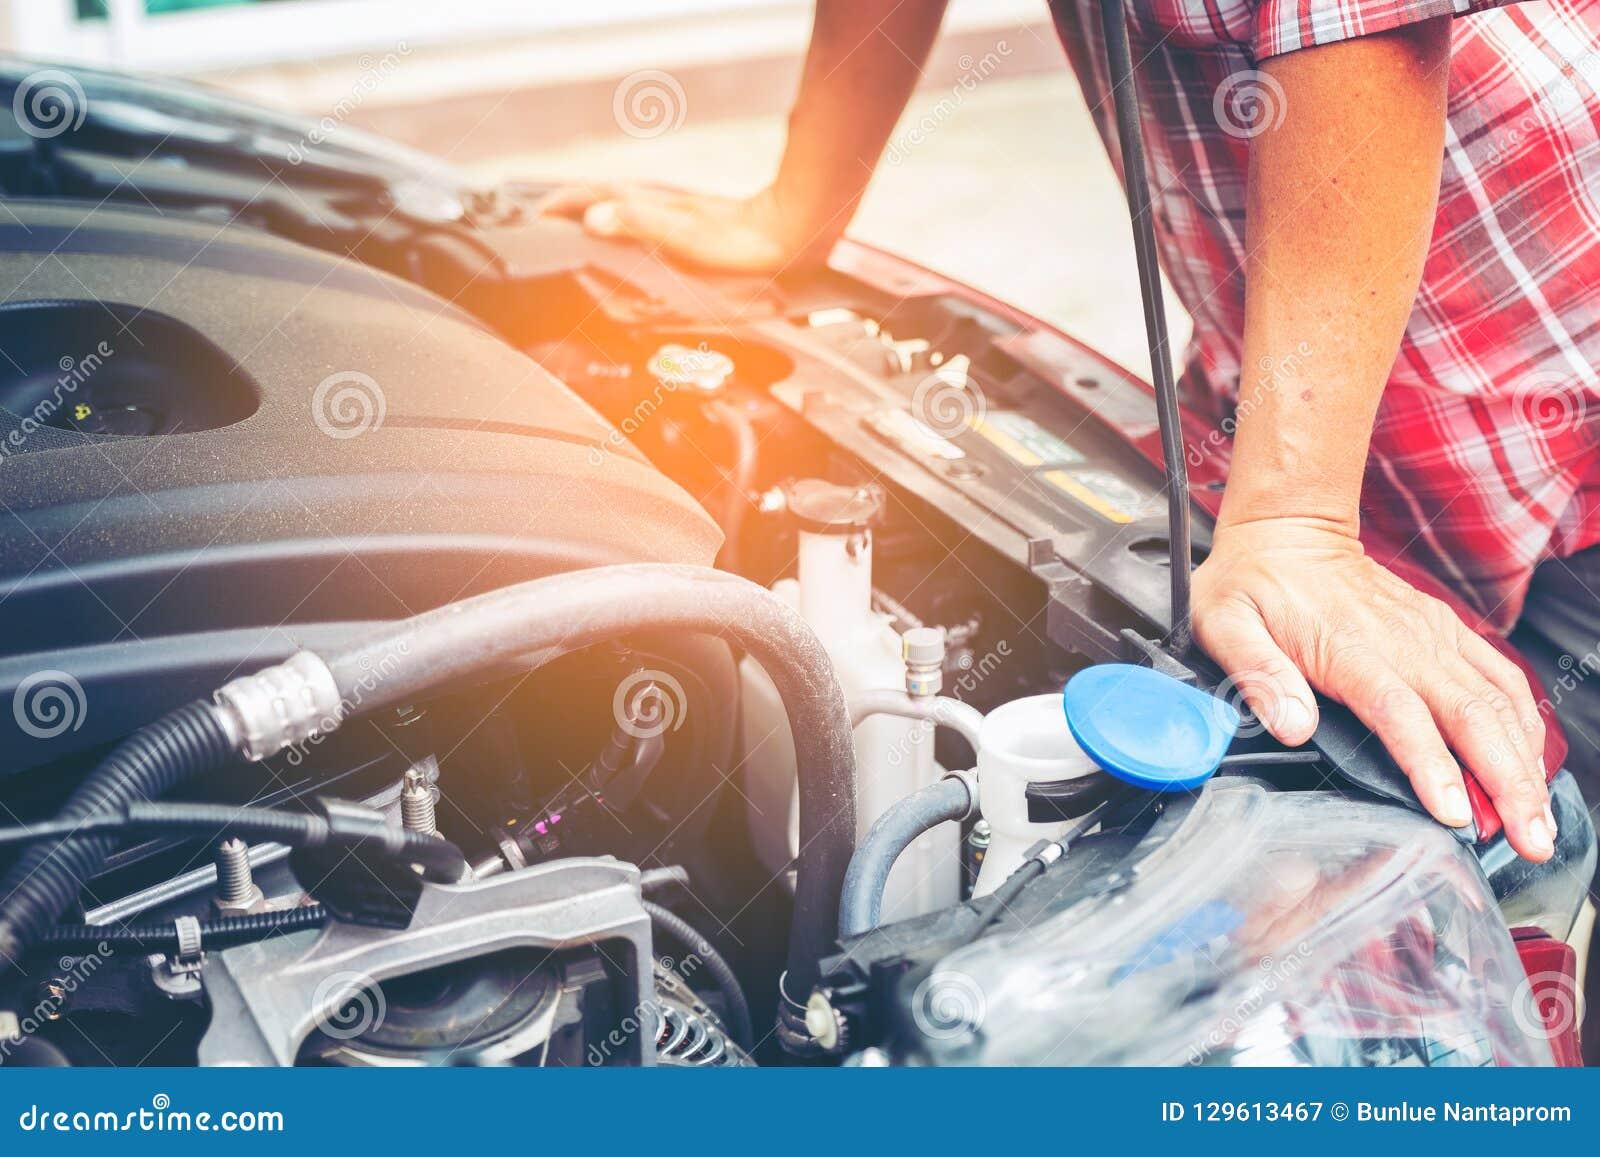 Main de mécanicien automobile avec une clé Enregistrement de mécanicien de réparation de voiture